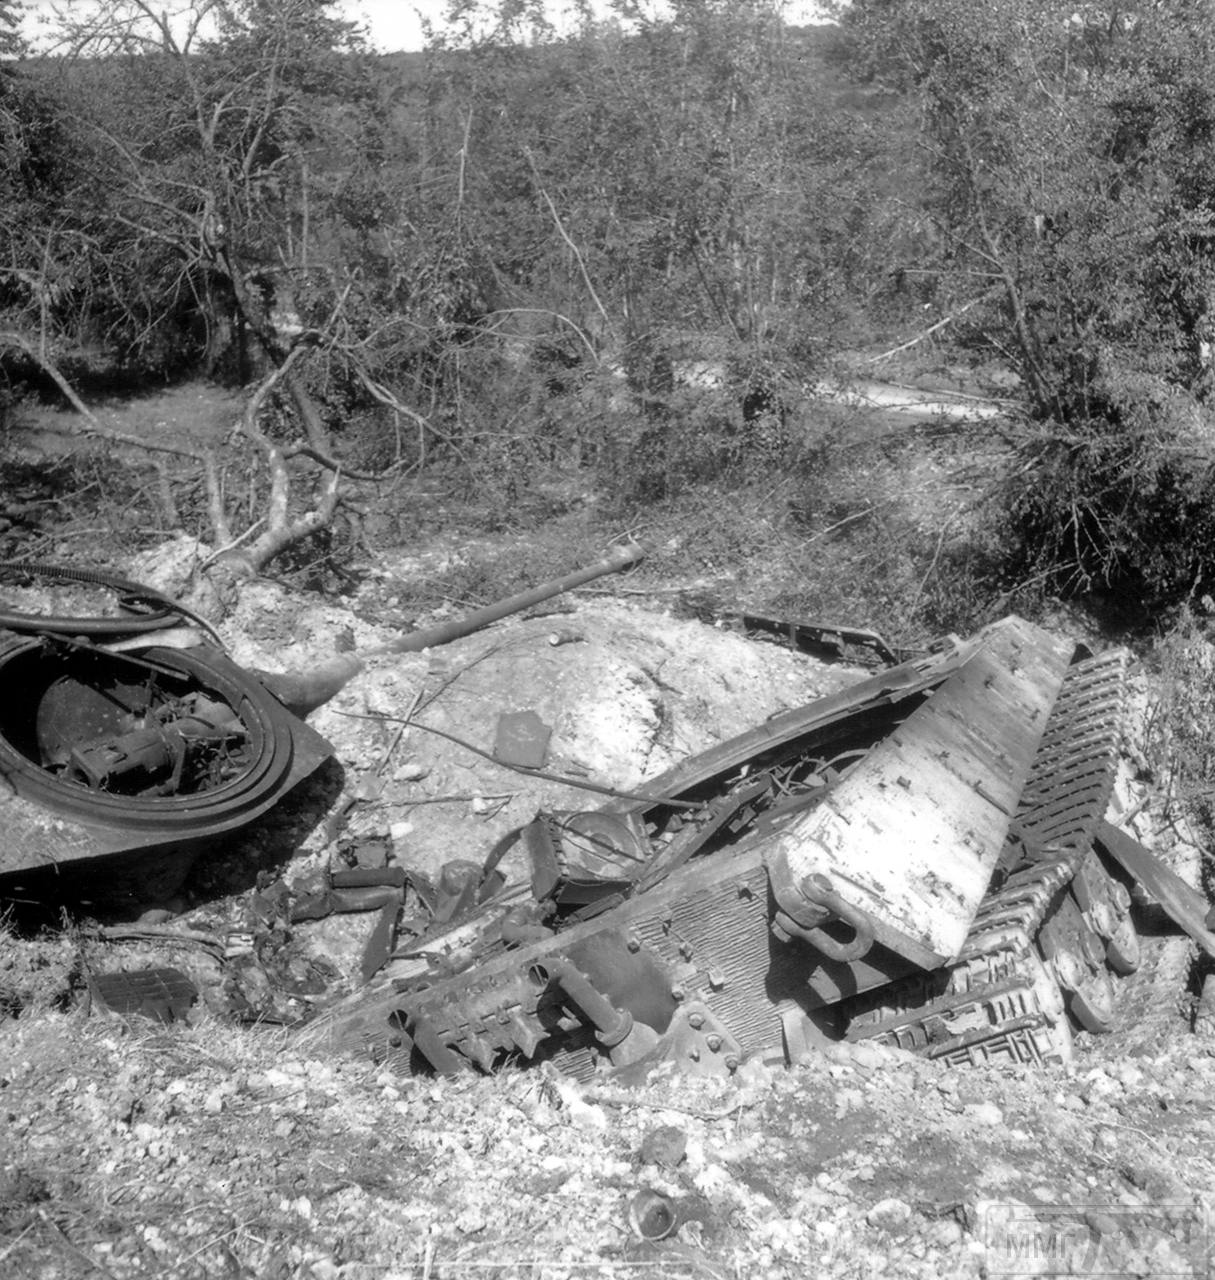 24036 - Военное фото 1939-1945 г.г. Западный фронт и Африка.